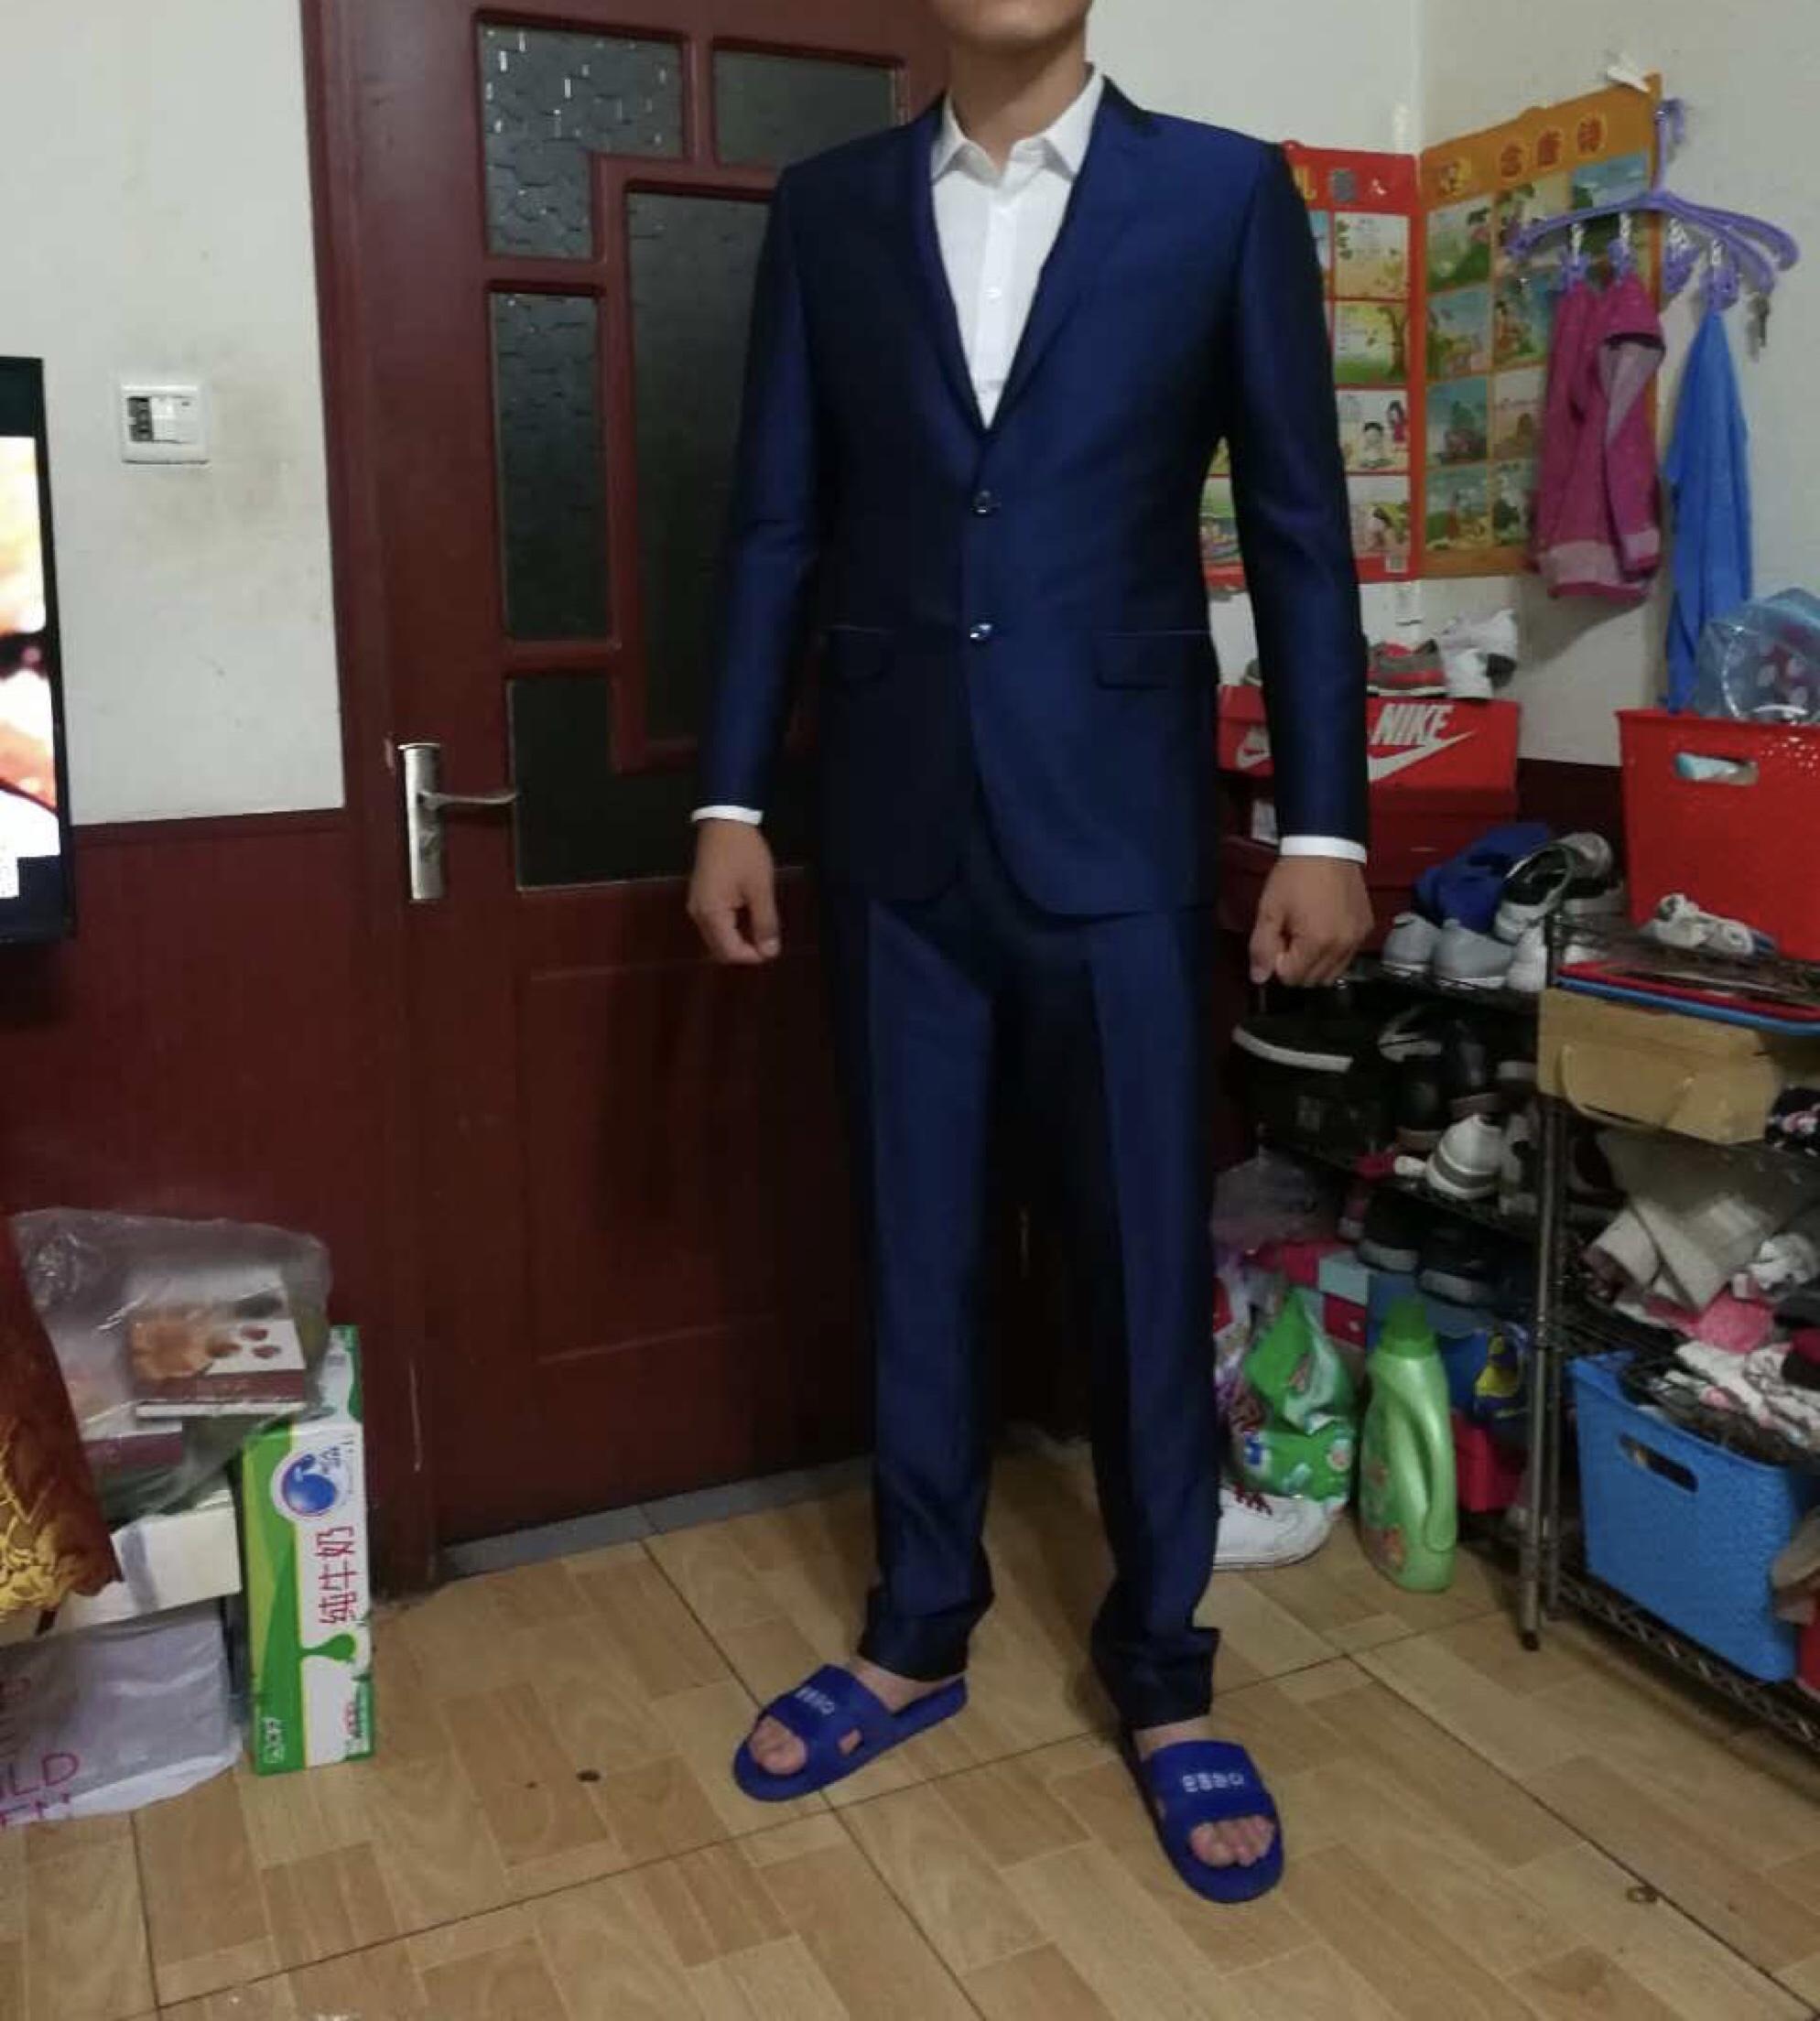 结婚领带颜色_蓝色西服,搭配什么颜色的领带才好看?【婚礼纪】